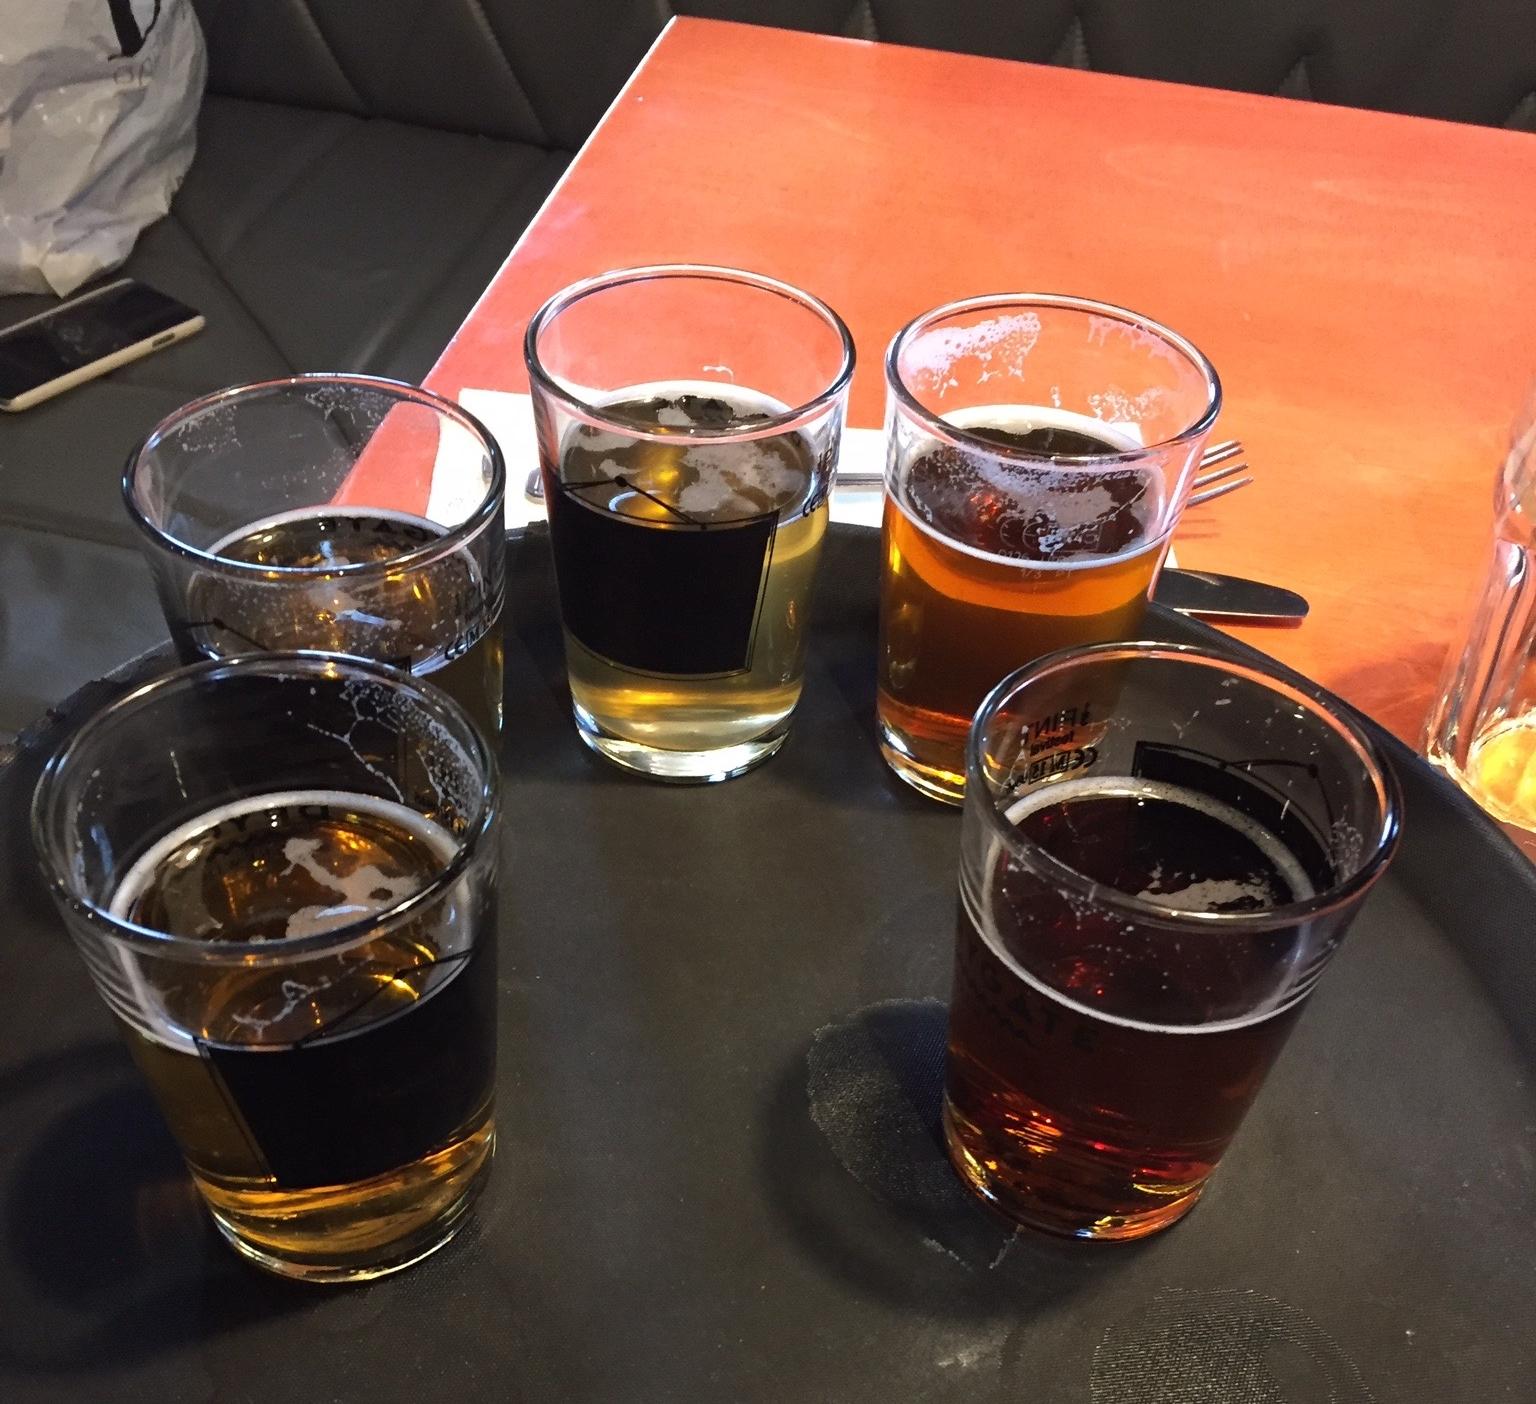 Sampling of the beer